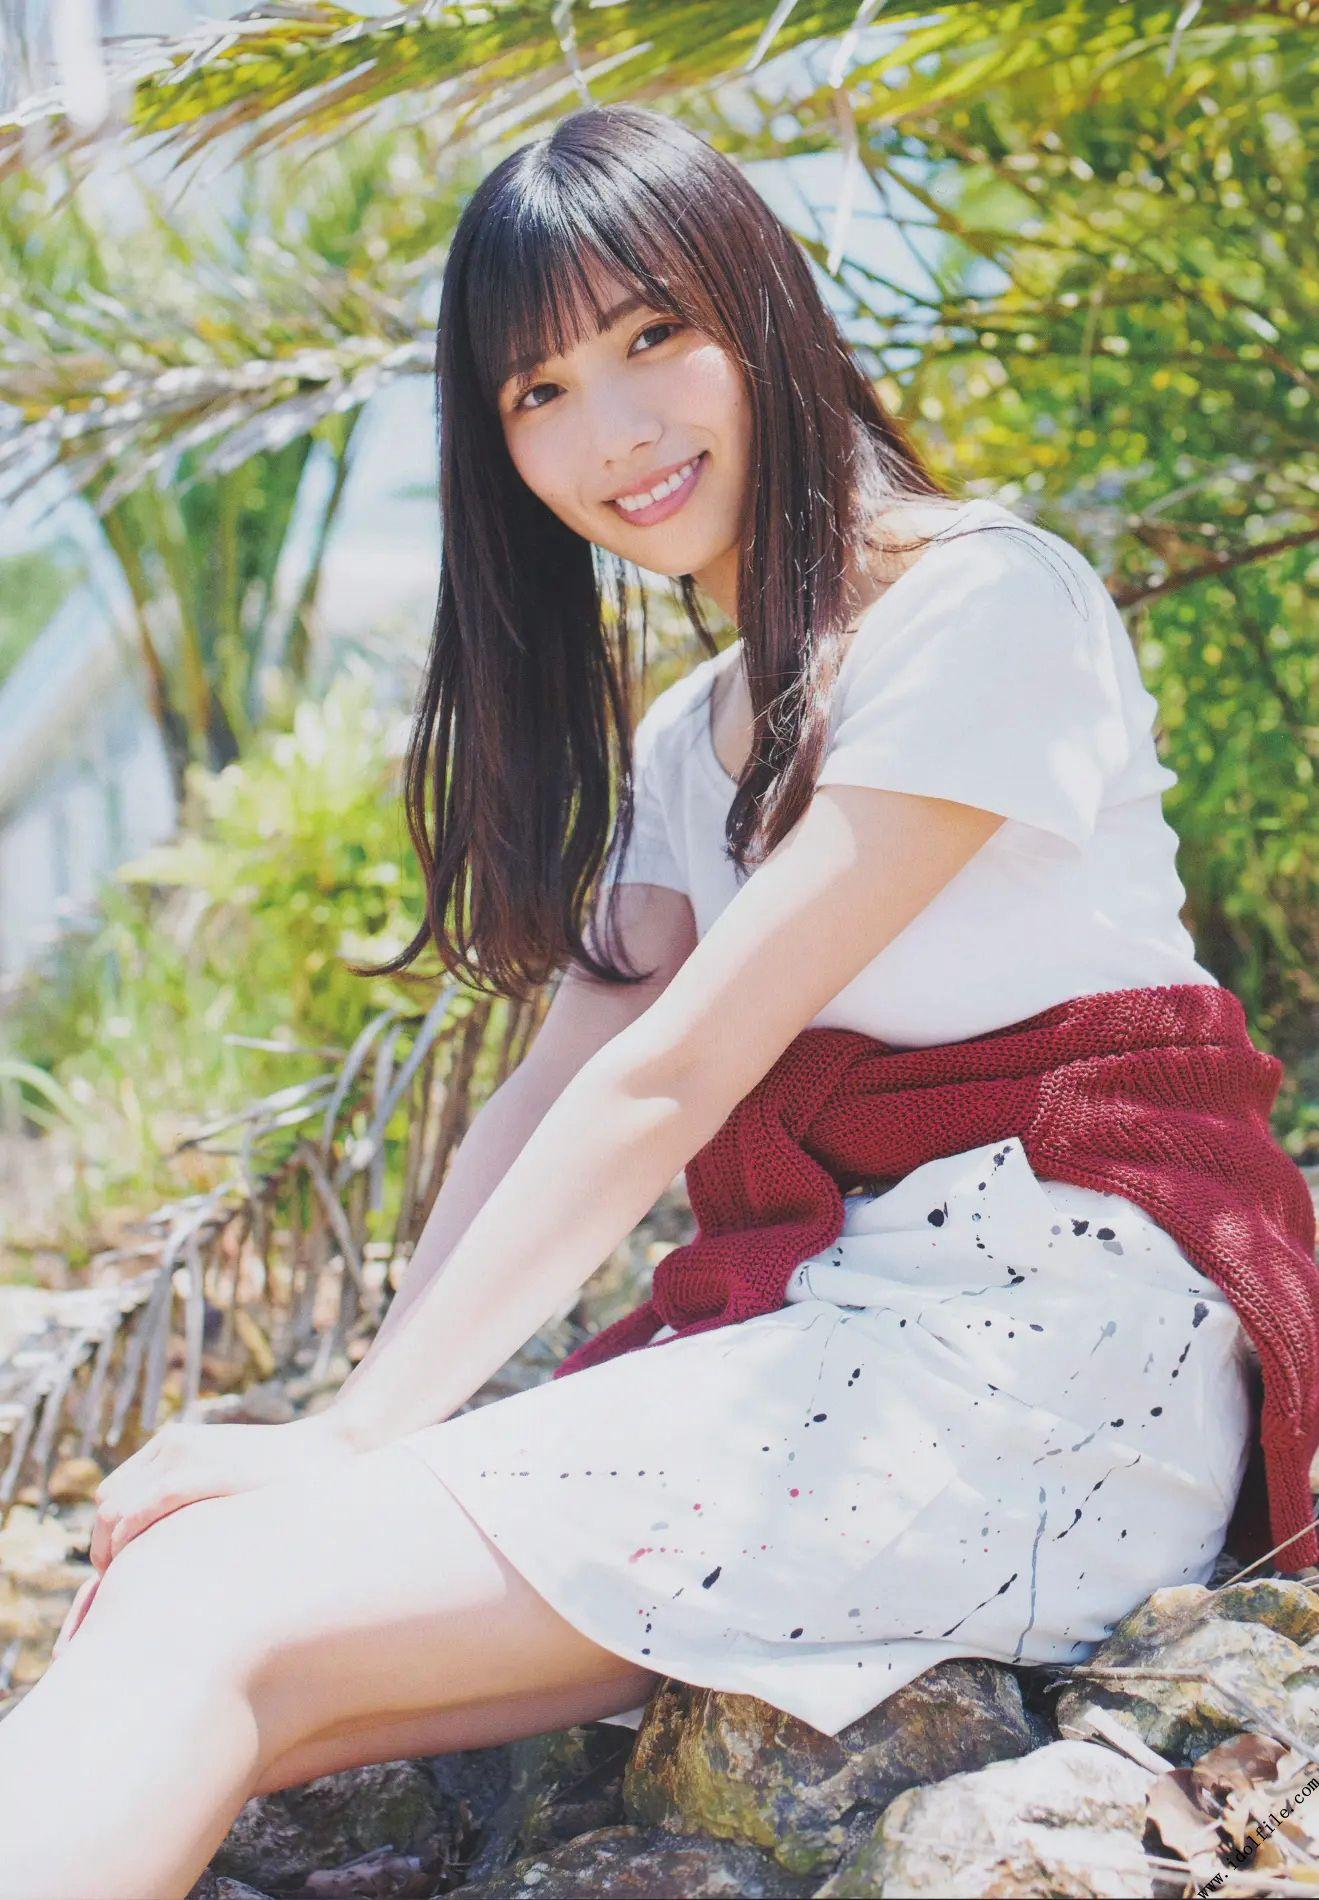 乃木坂46遠藤さくらちゃん・筒井あやめちゃんの新世代グラビア